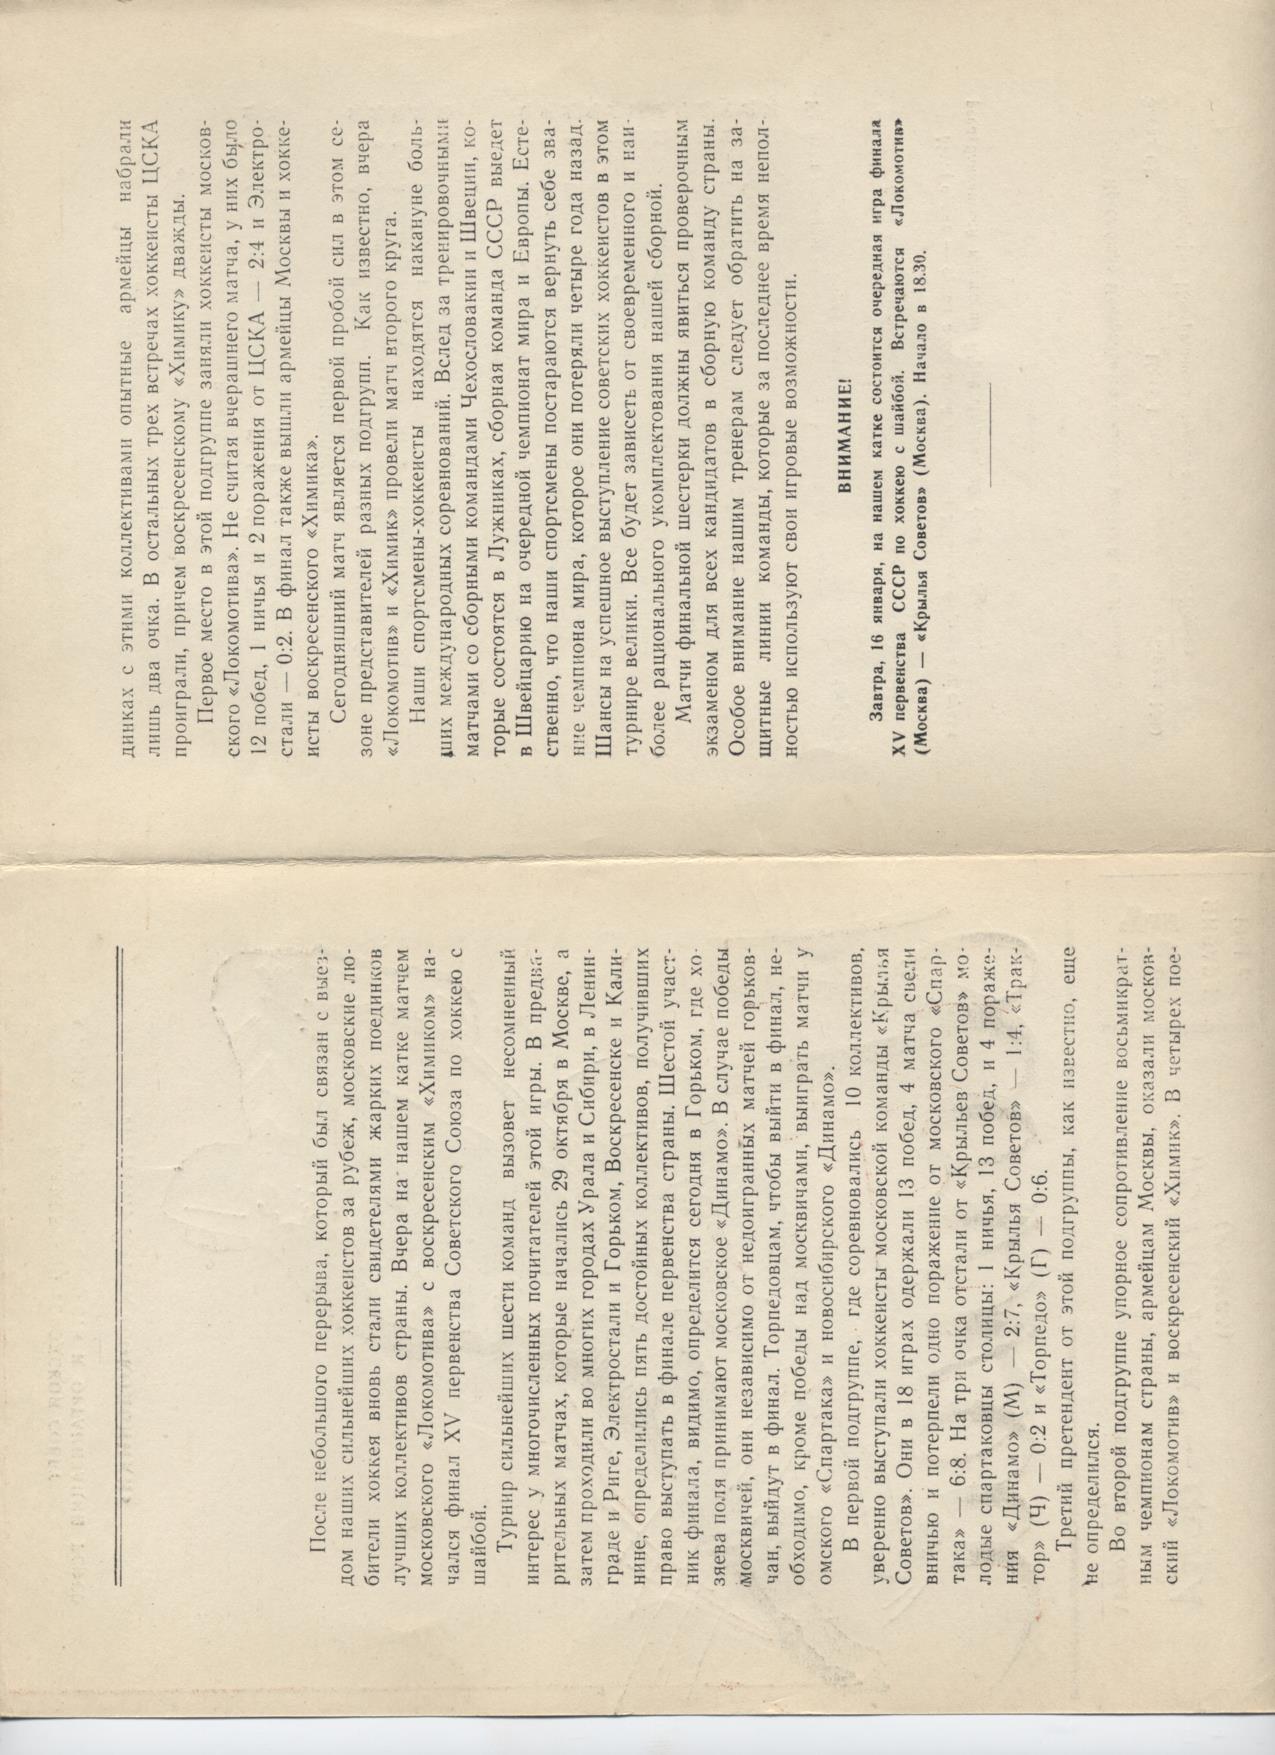 19610115-2.jpg